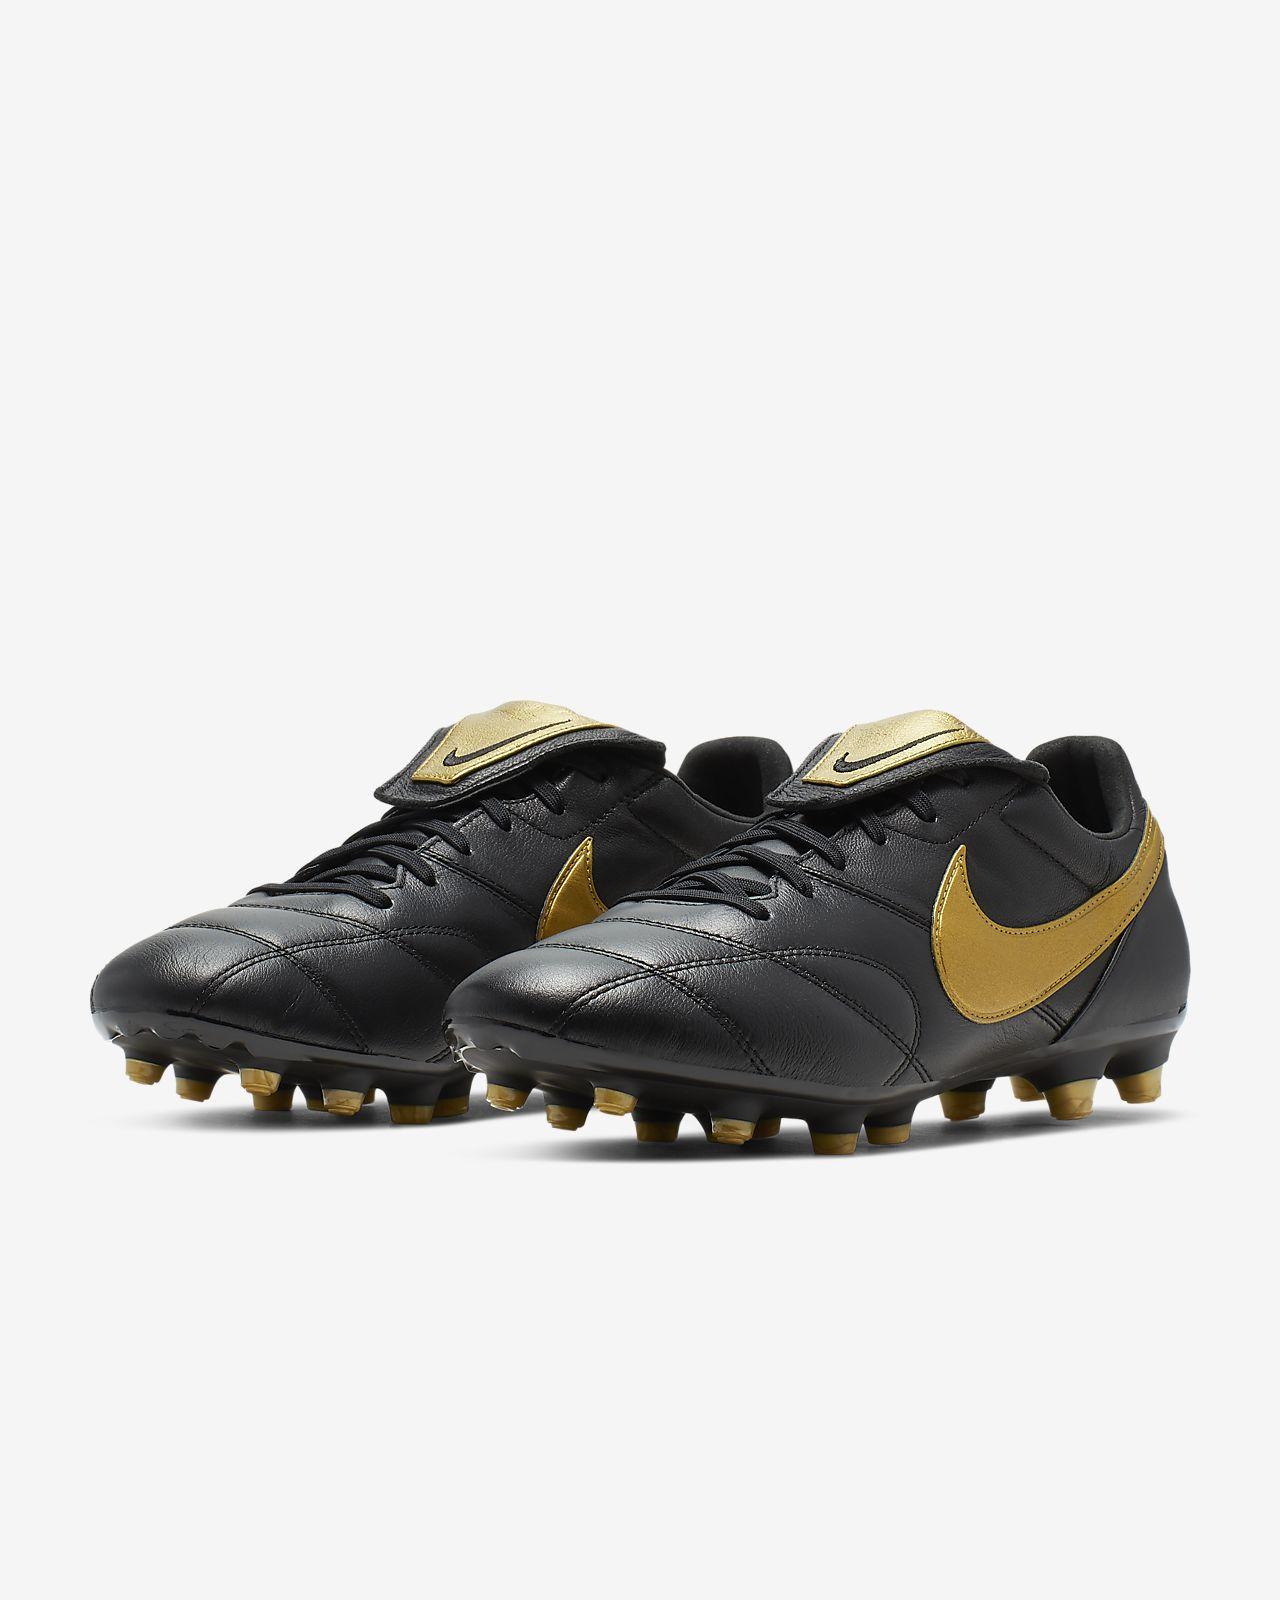 0a1435338 Calzado de fútbol para terreno firme Nike Premier II FG. Nike.com MX